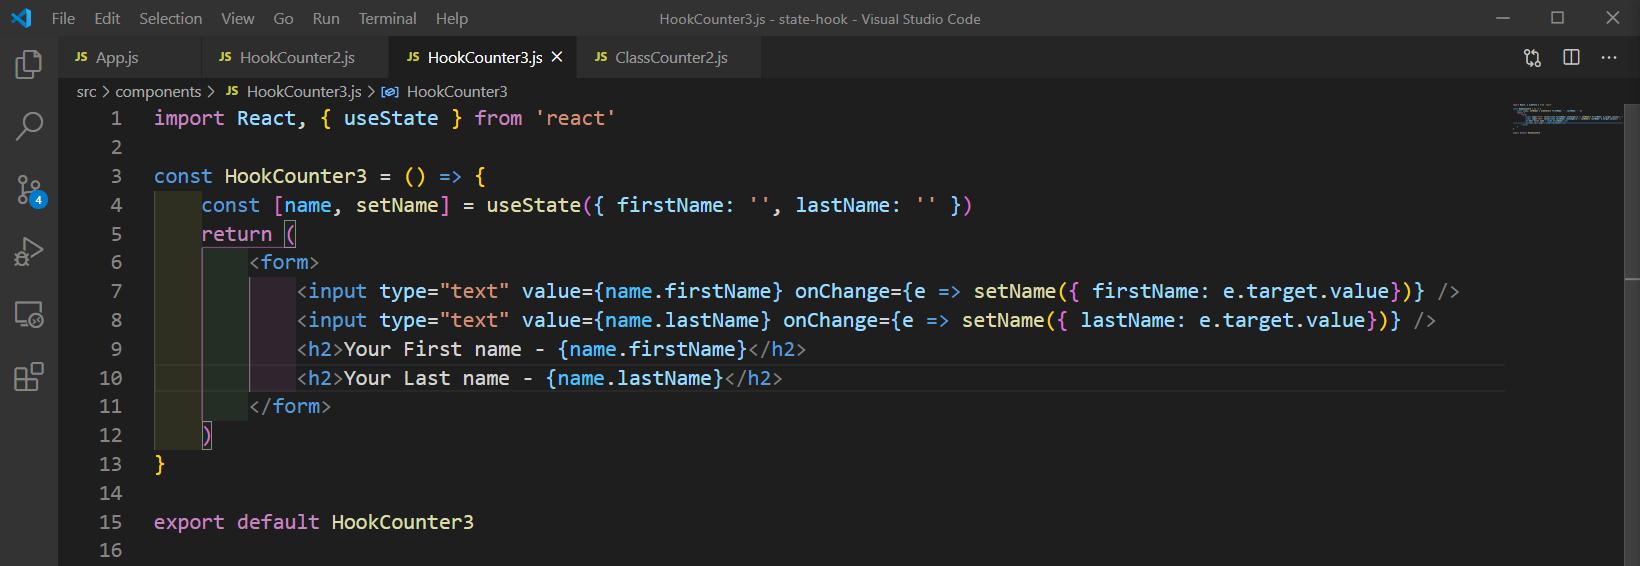 HookCounter3.js